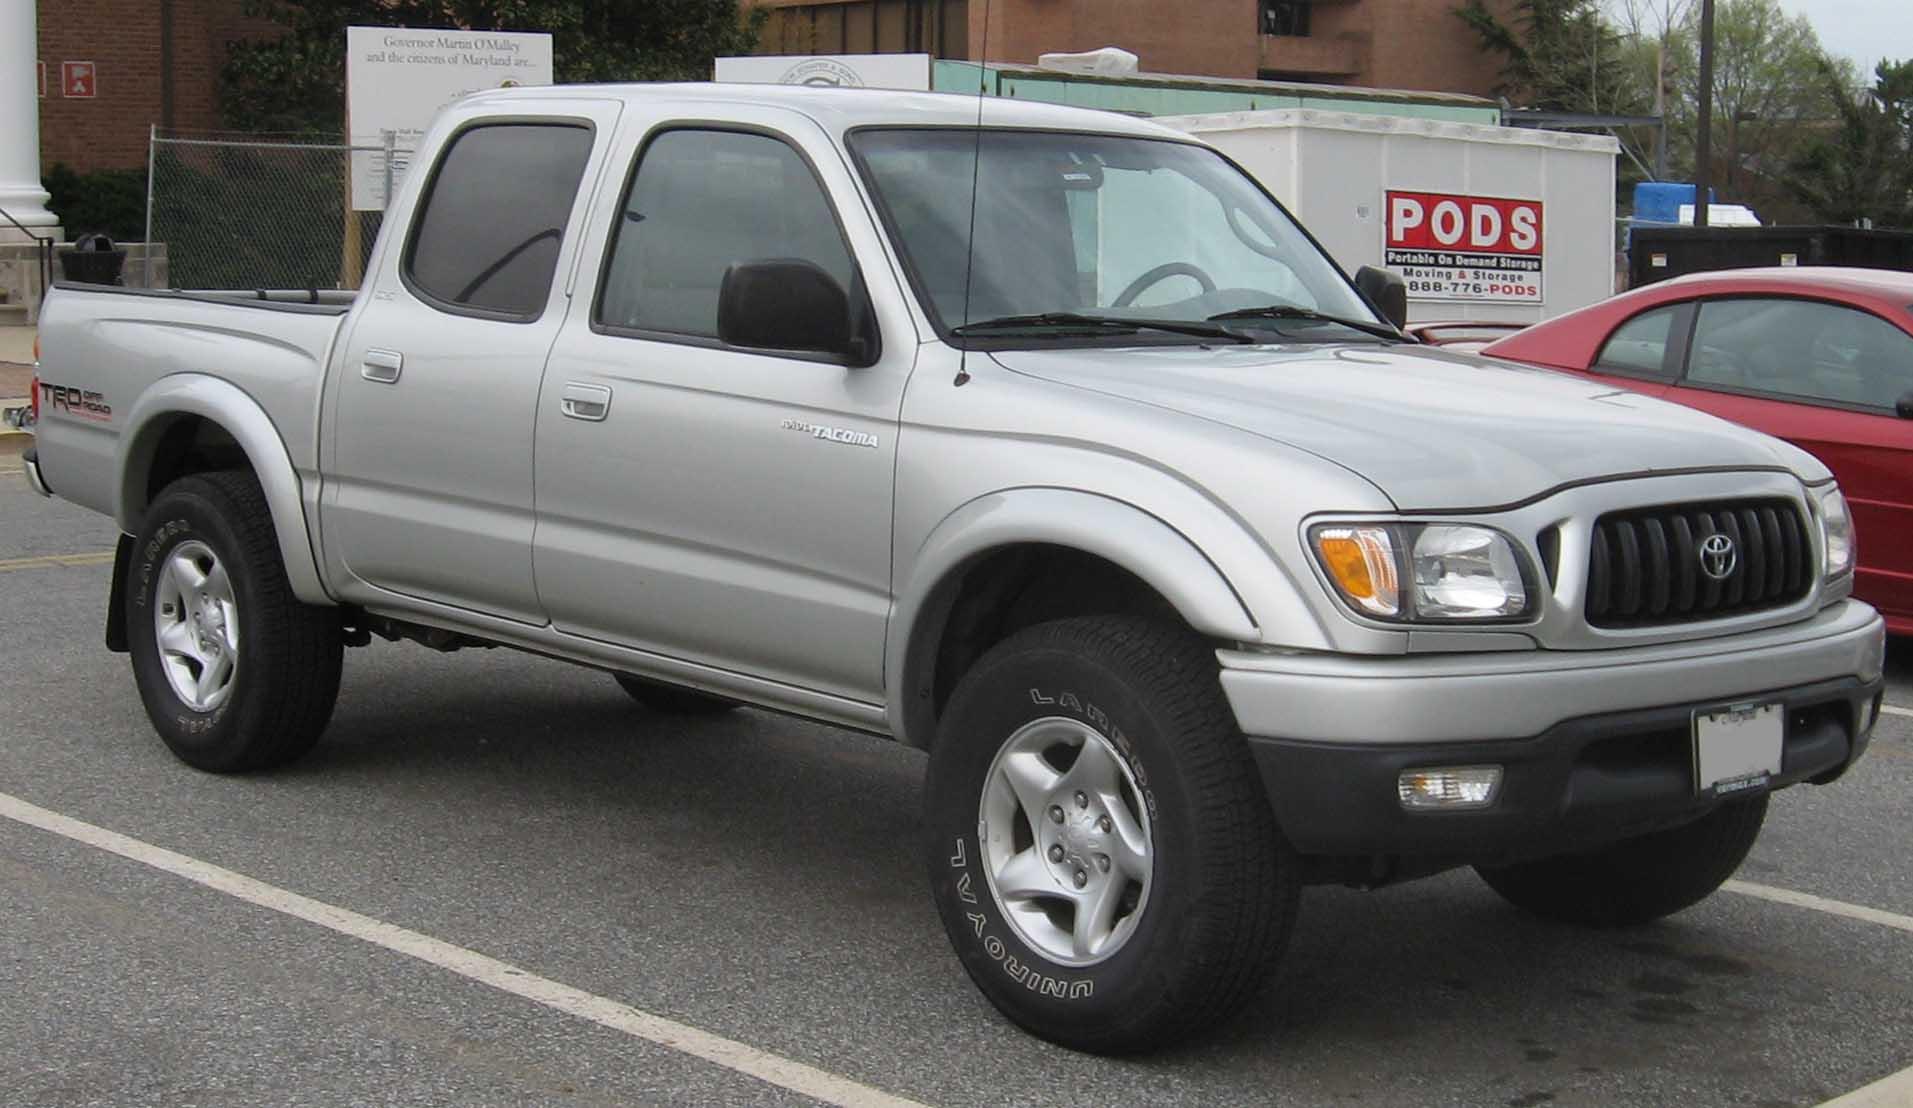 2001 Toyota Tacoma #4 Toyota Tacoma #4